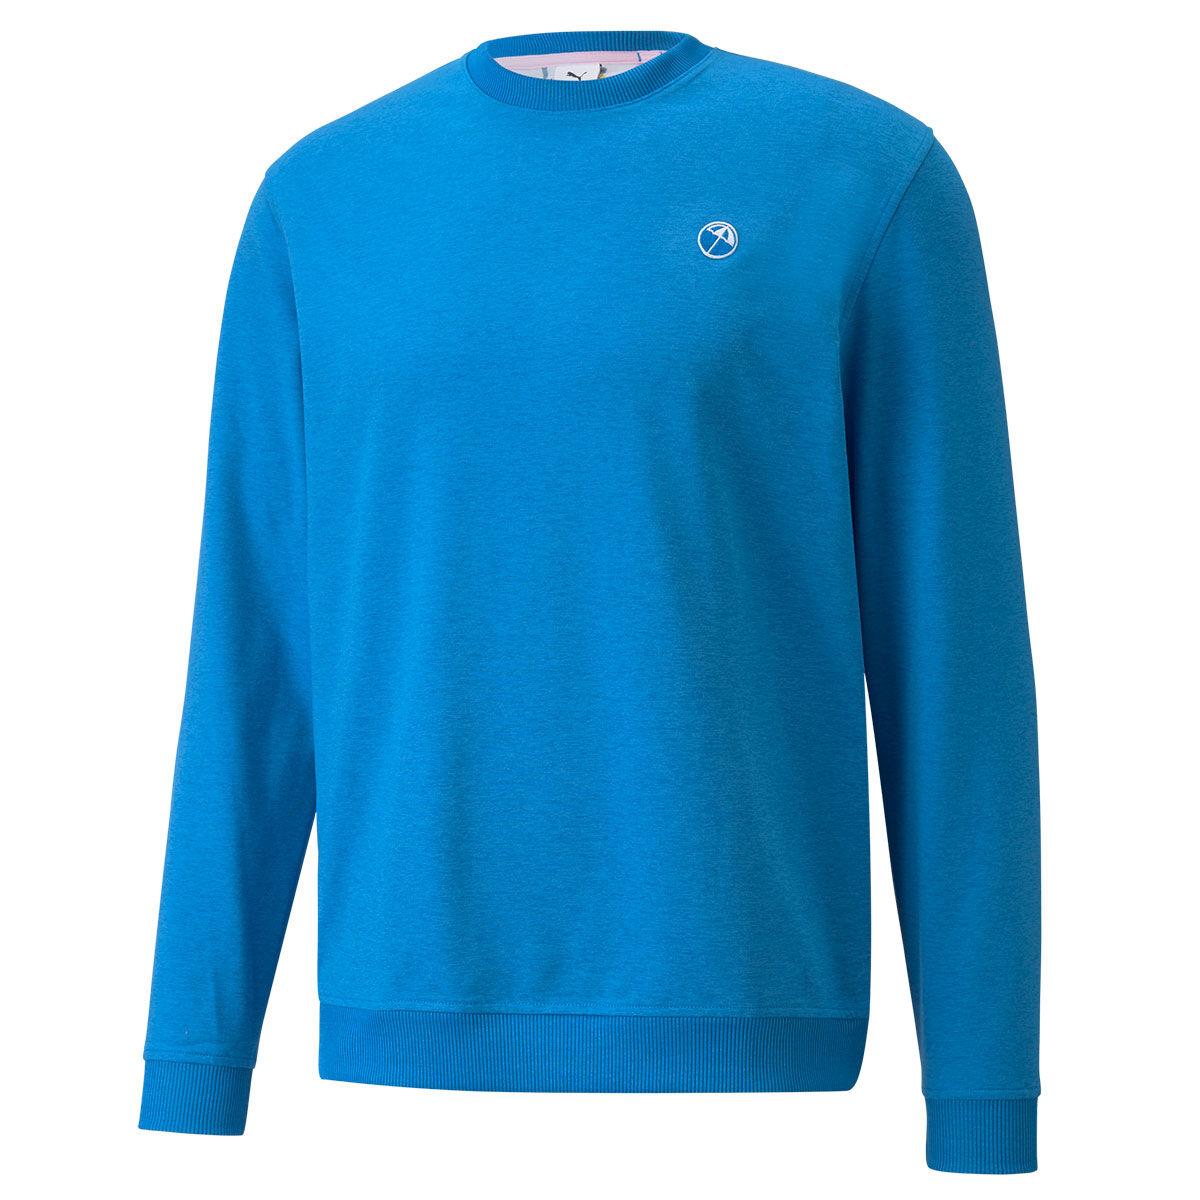 PUMA Golf AP Cloudspun Golf Sweater, Mens, Large, Future blue heather | American Golf